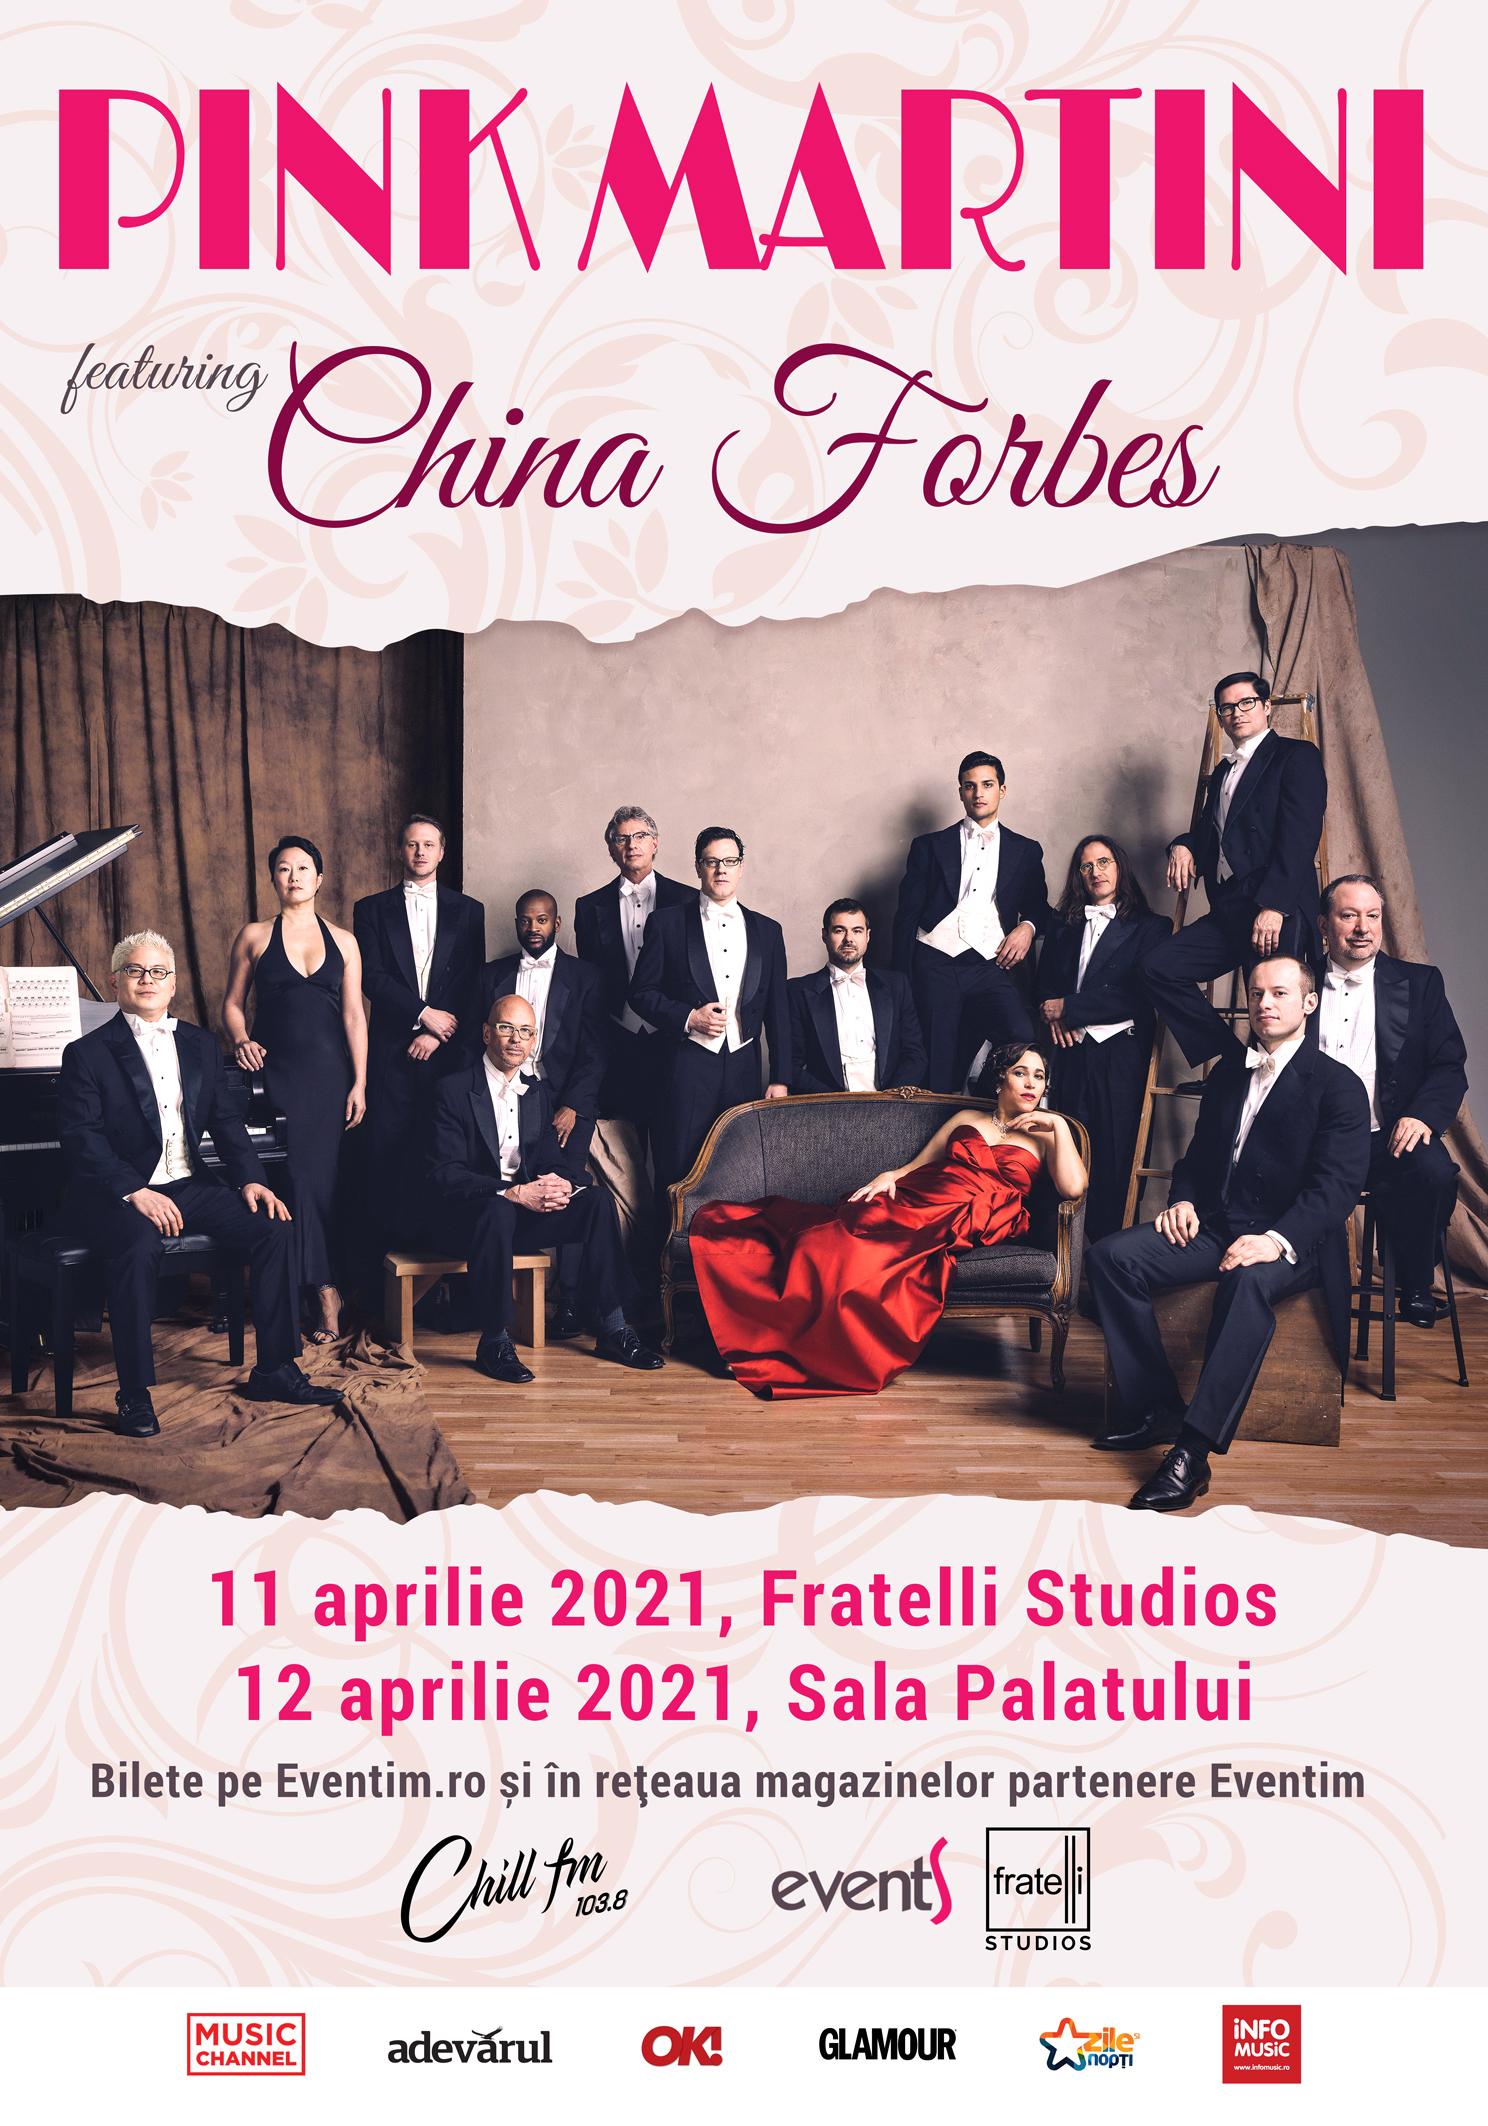 Concertele Pink Martini din București, reprogramate în primăvara lui 2021